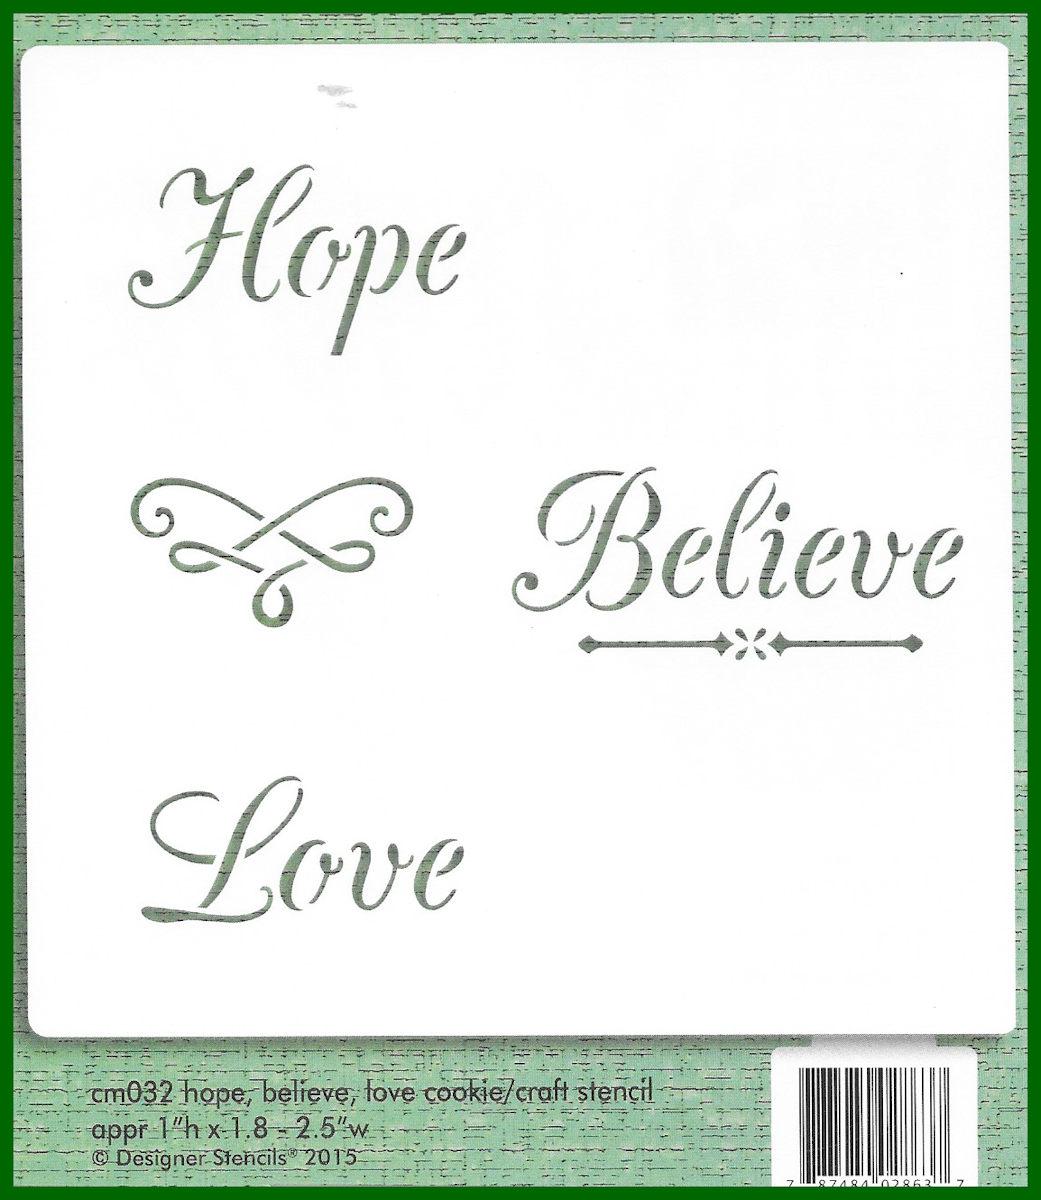 da-hope-8748402863.jpg